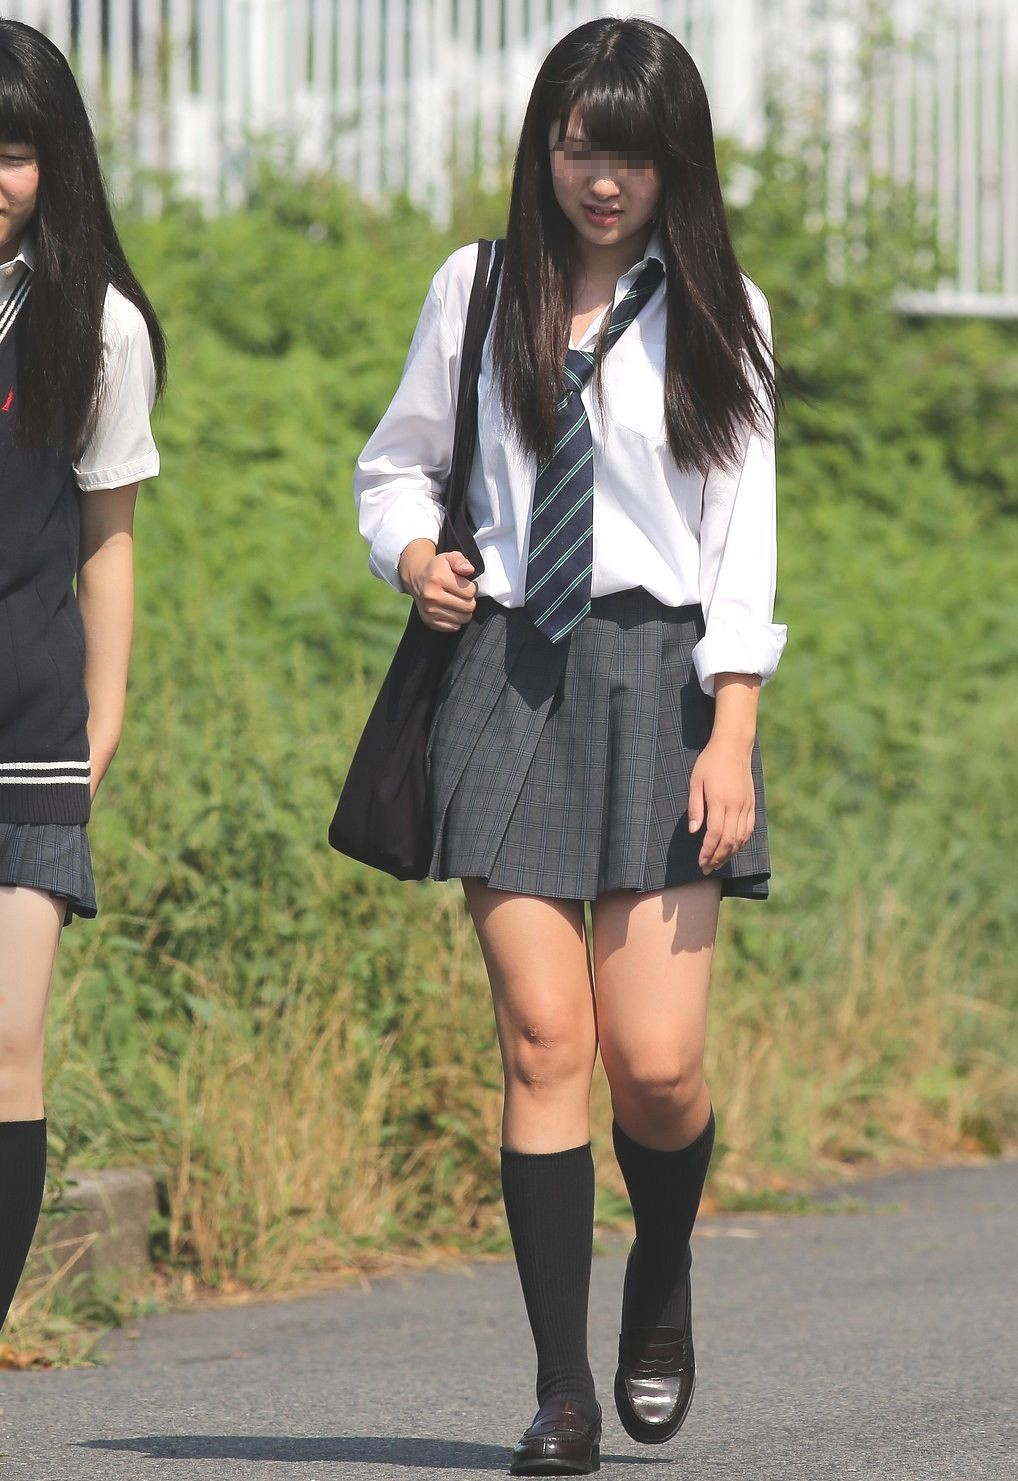 モデルみたいな女子校生の美脚を撮影!